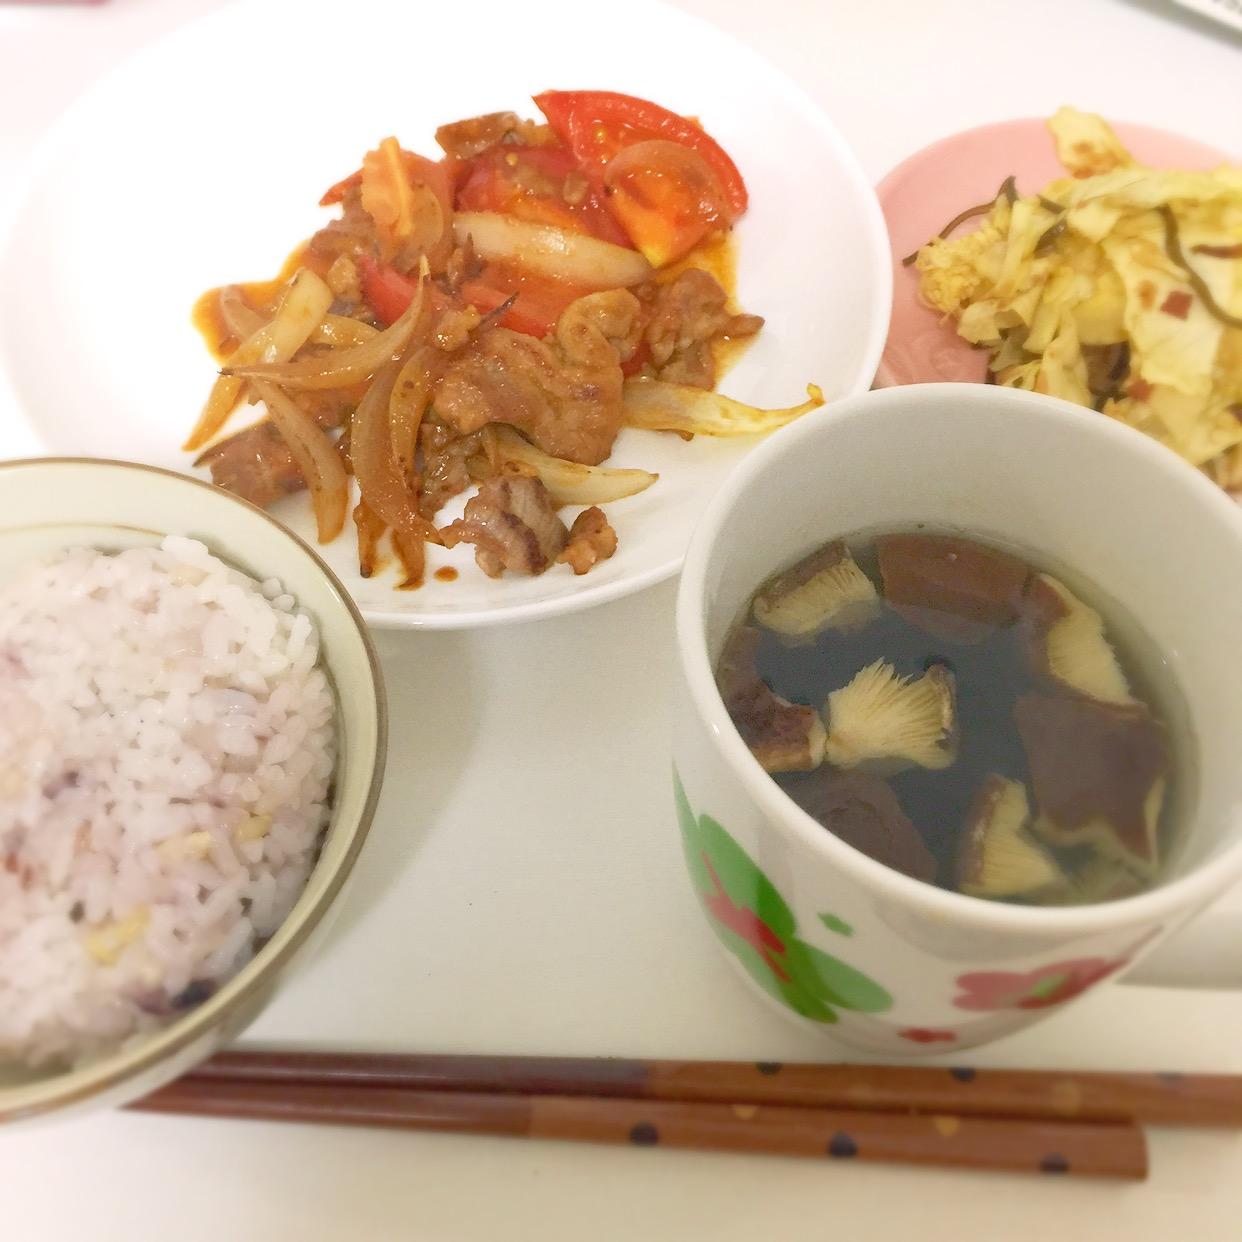 【レシピ】3分でできる!わかめと干し椎茸のスープ